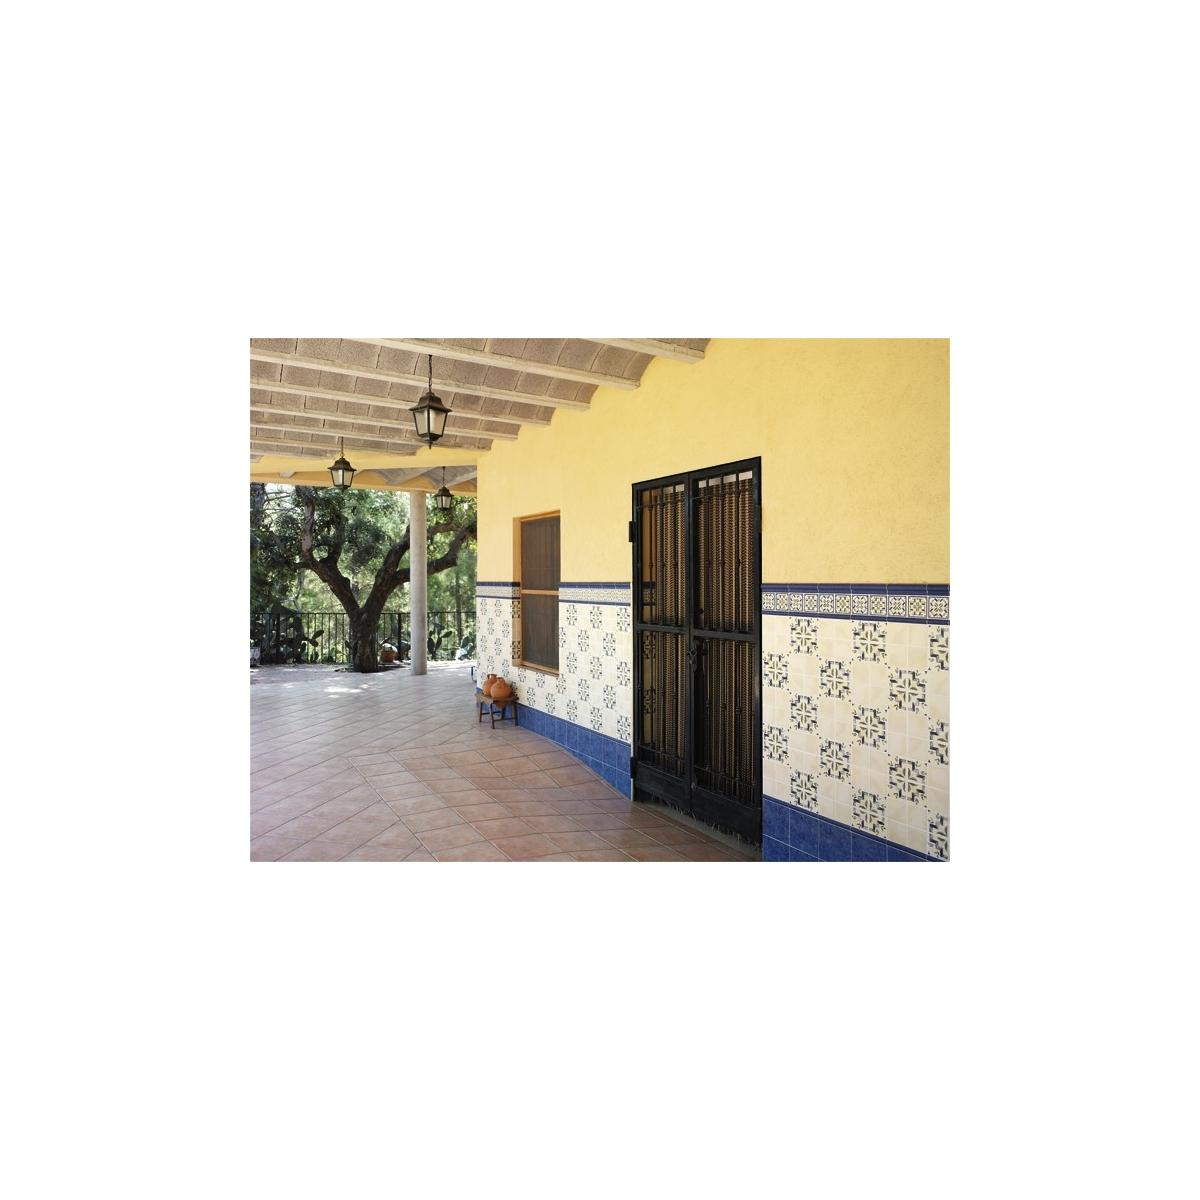 Litos azul 20x20 (m2) Serie Aveiro